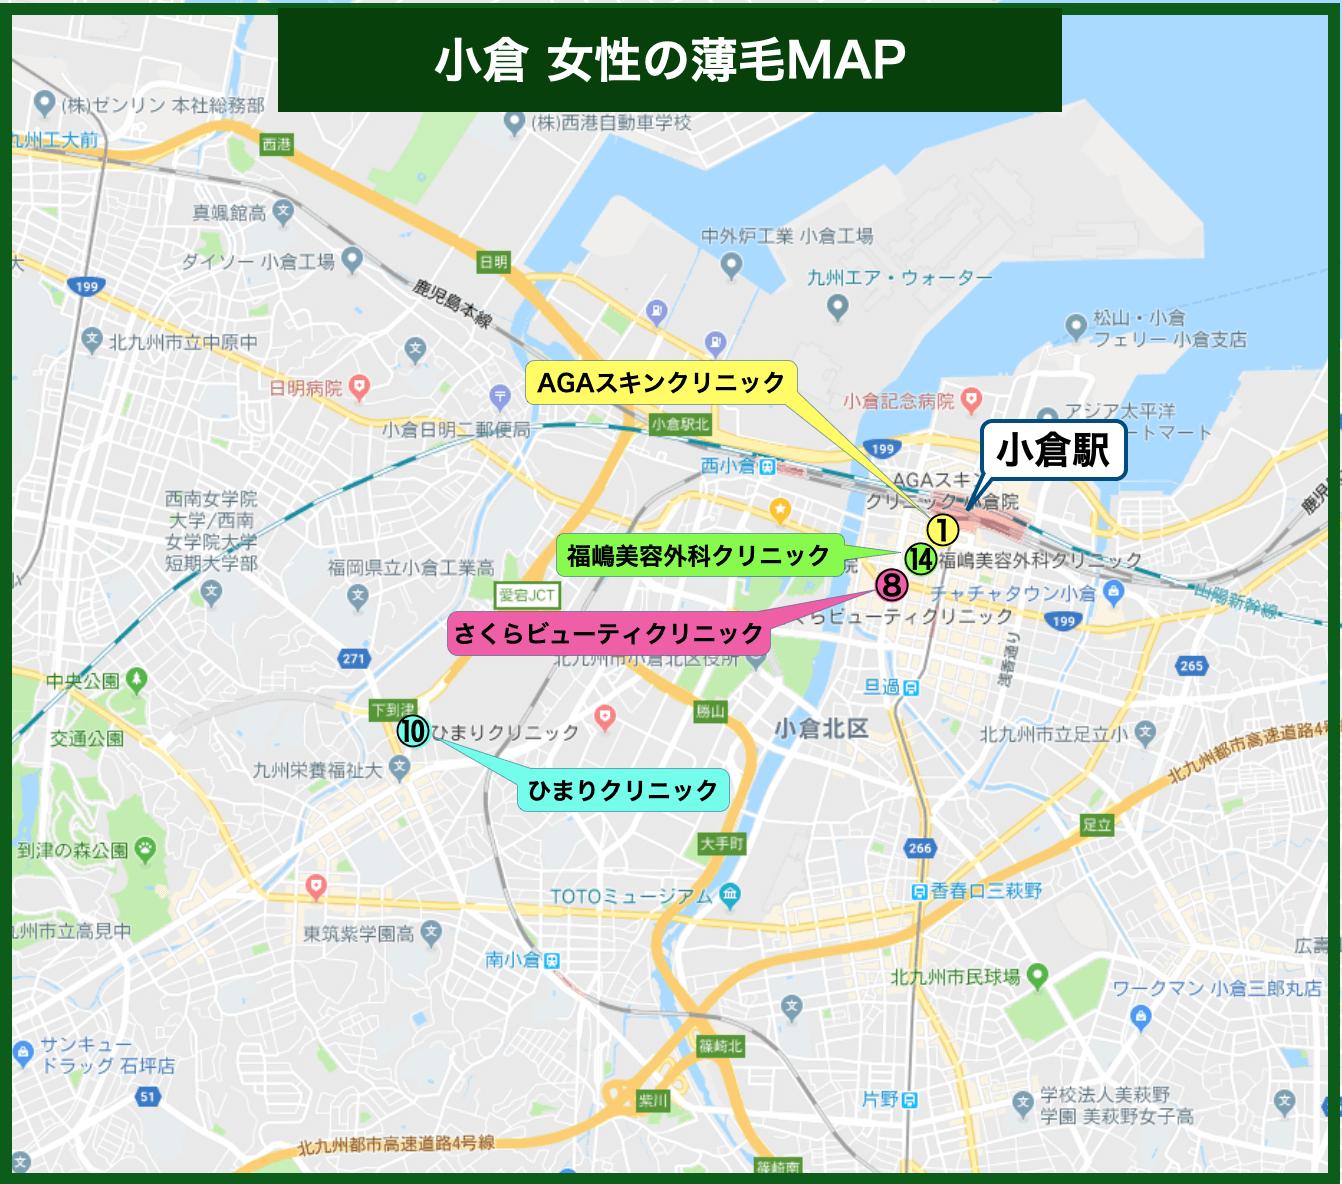 小倉 女性の薄毛MAP